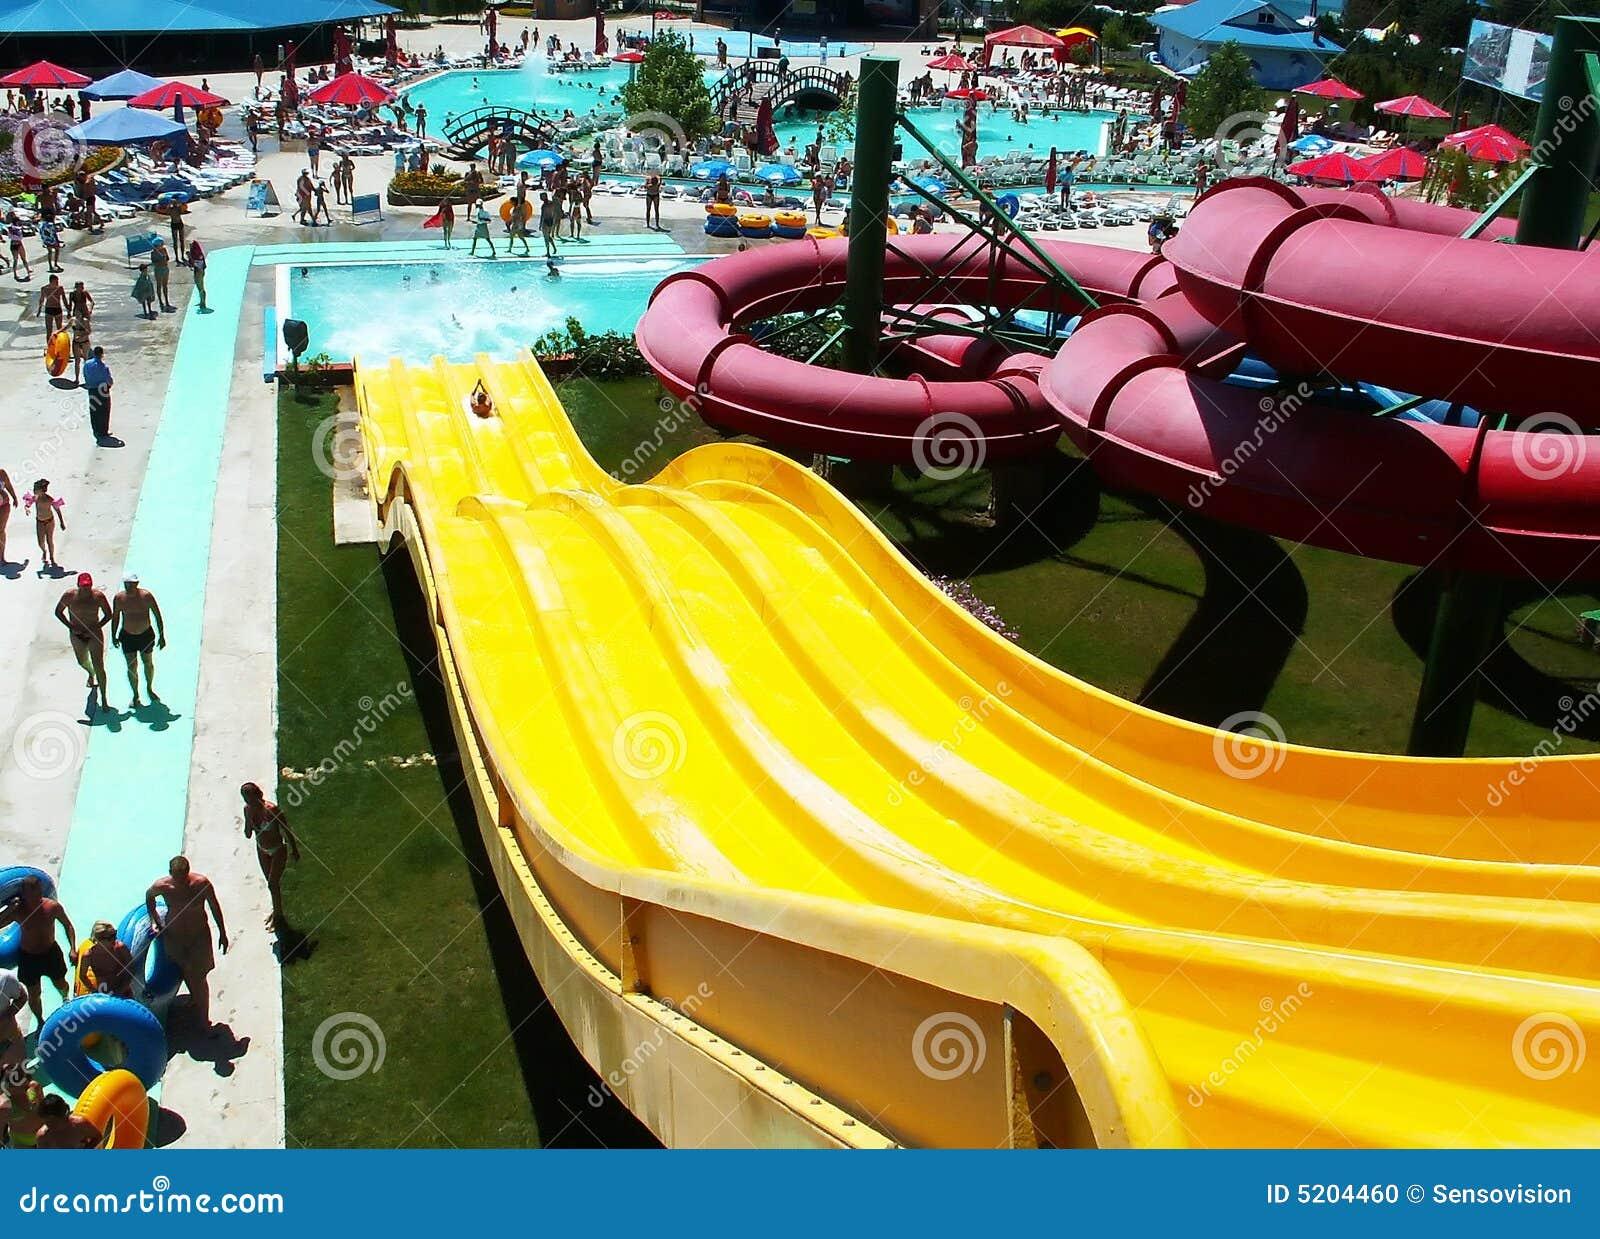 yellow water slide stock photo